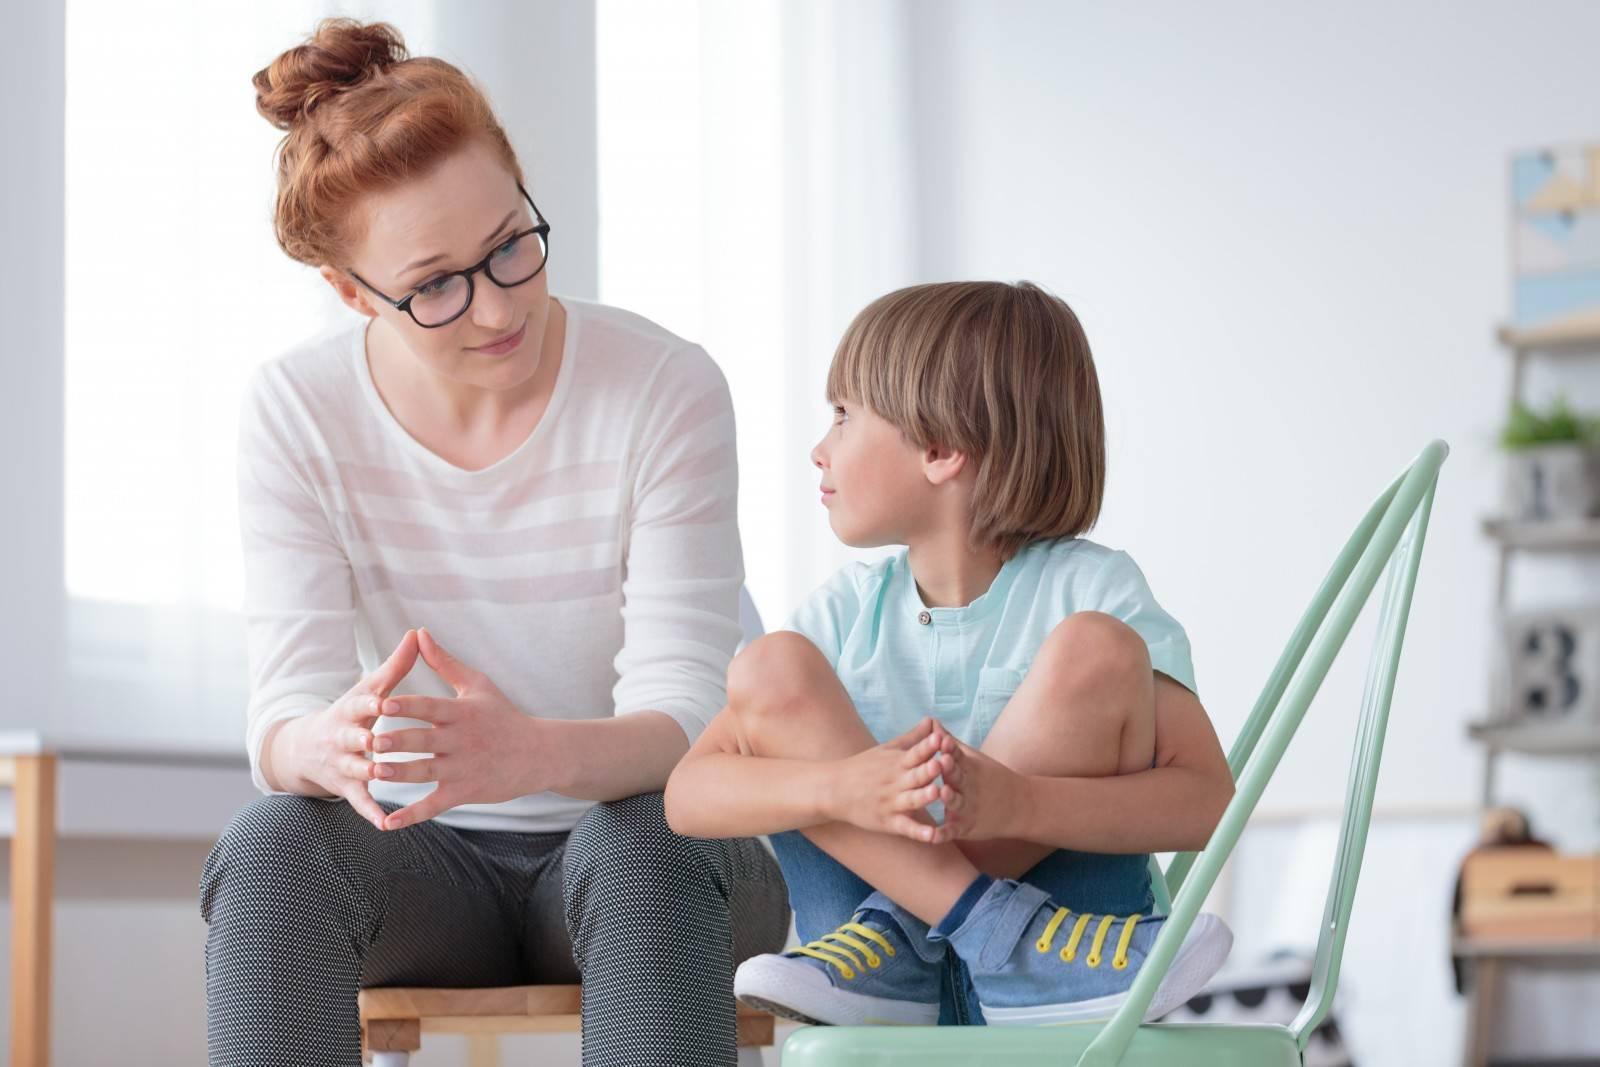 Детский сад: нужен ли ребенку и как подготовиться? 2 вопроса психологу